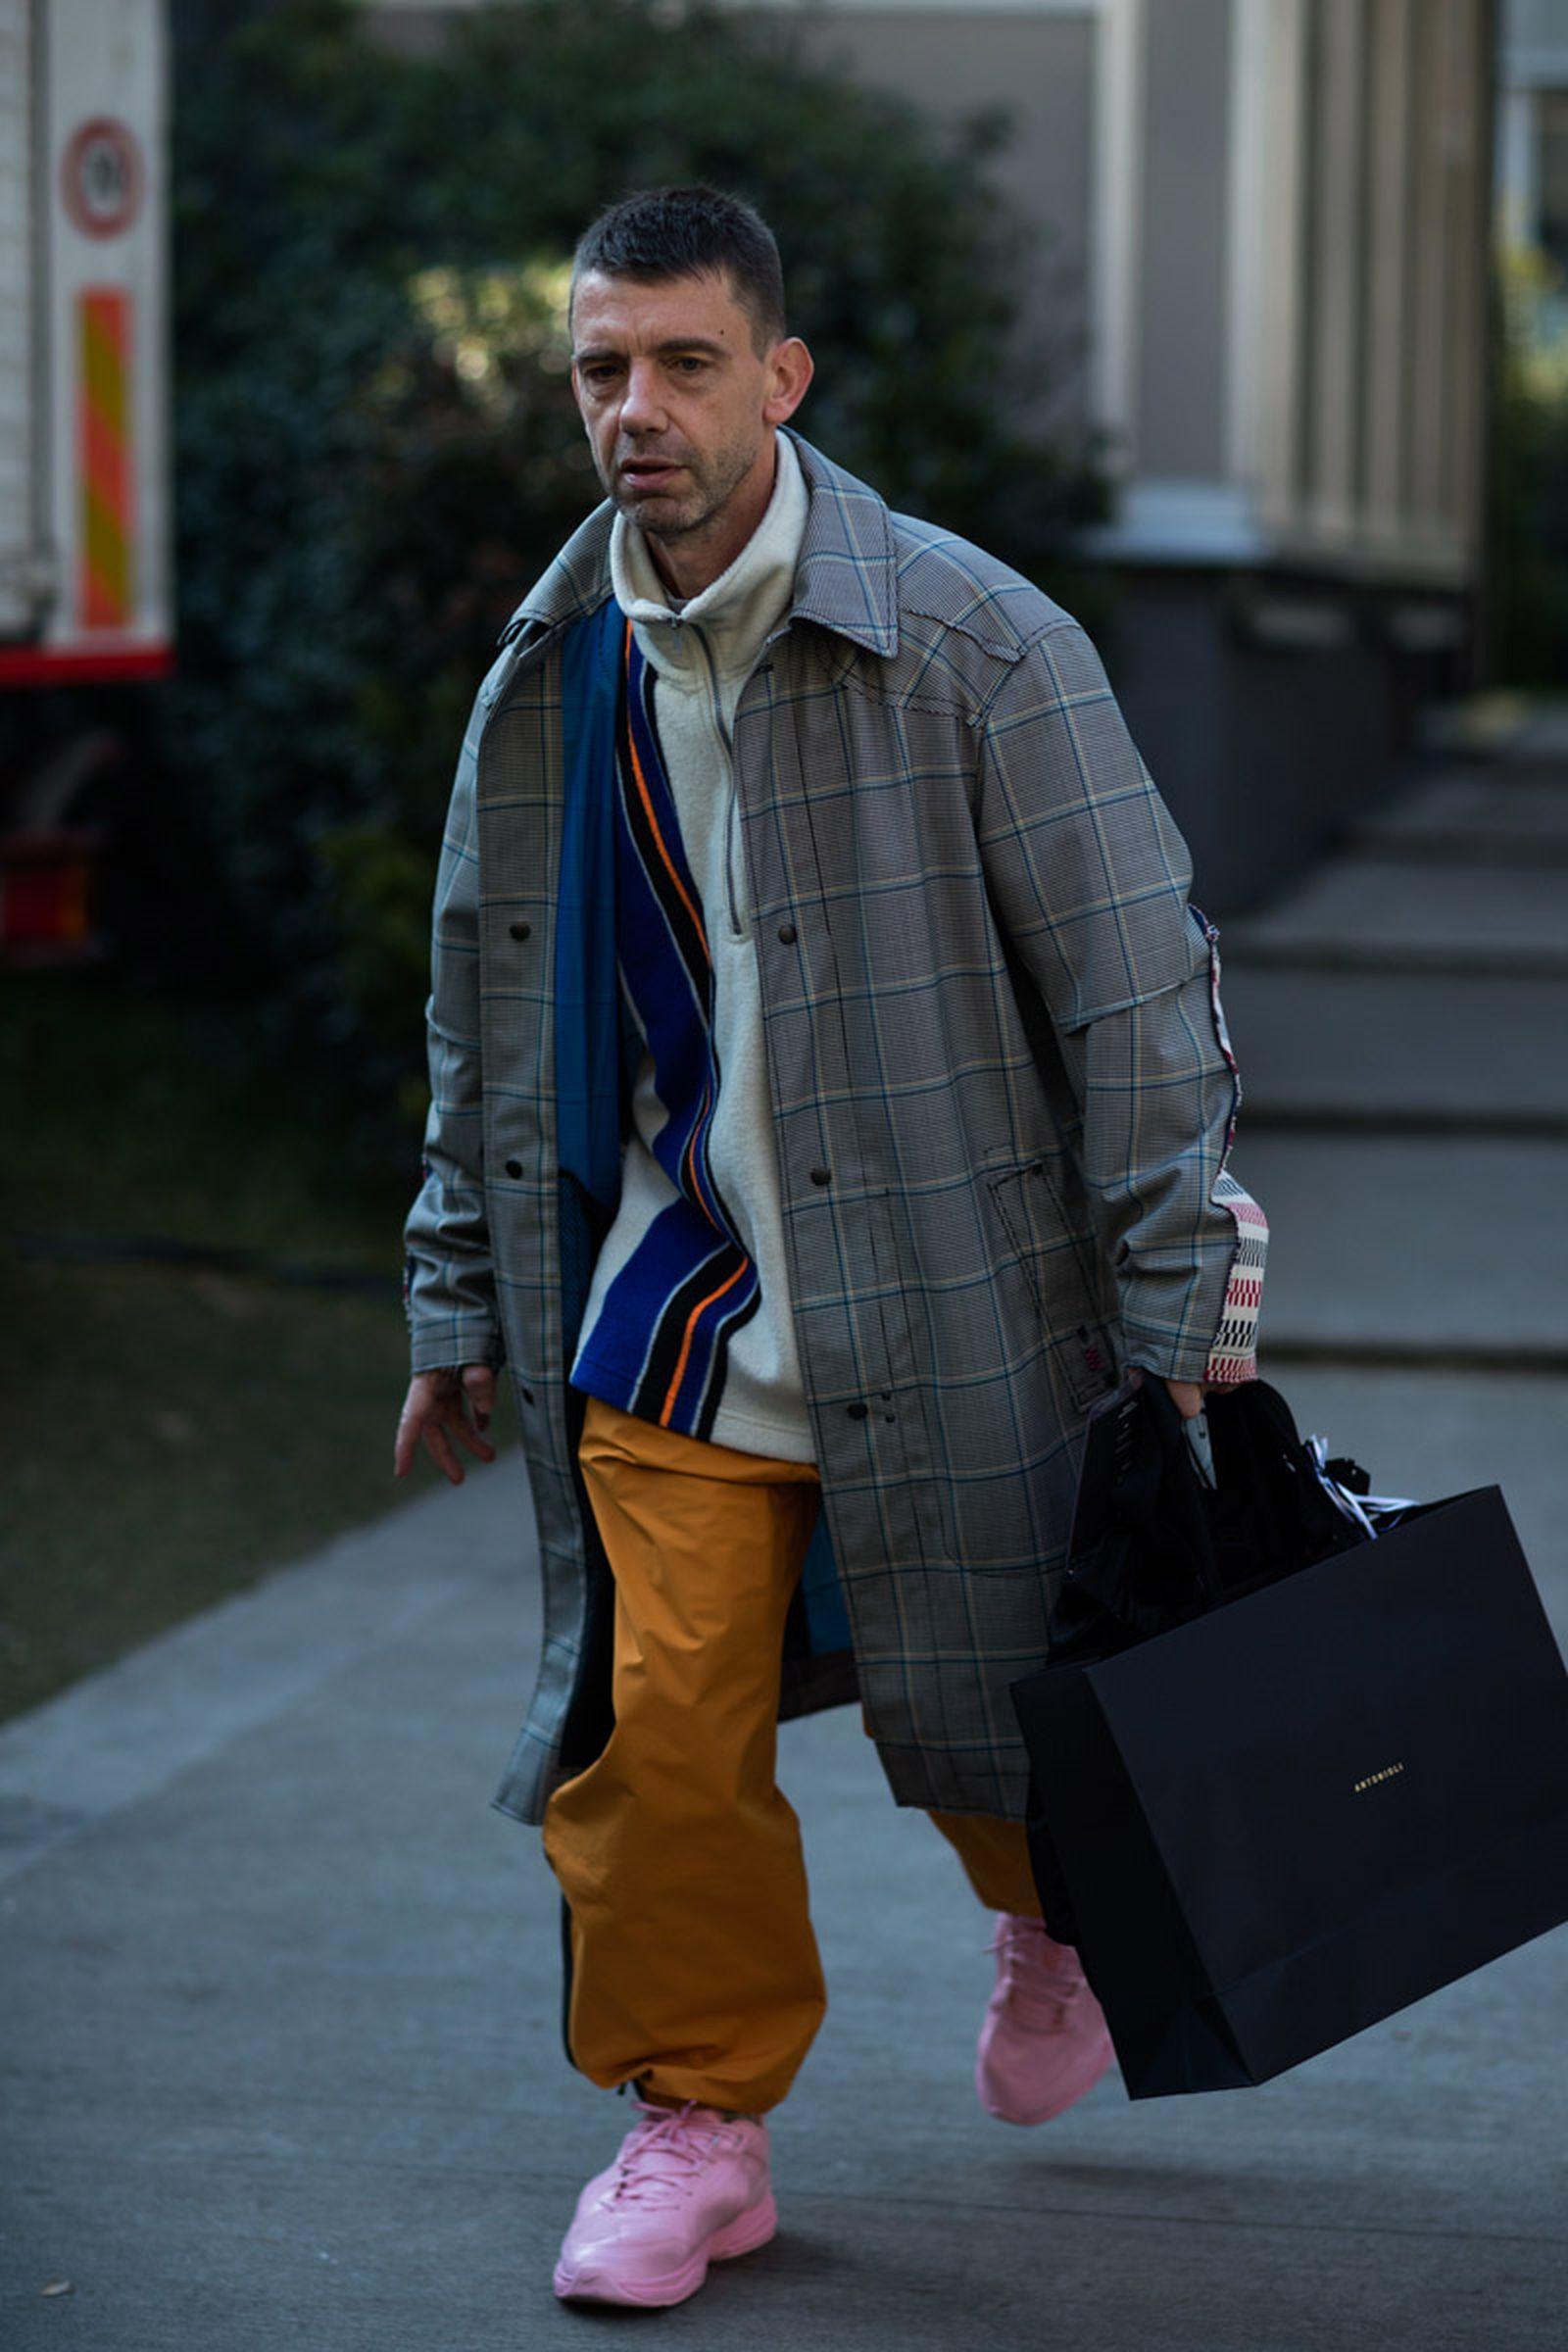 5milan fashion week street style 032c HBA x Colmar Supreme